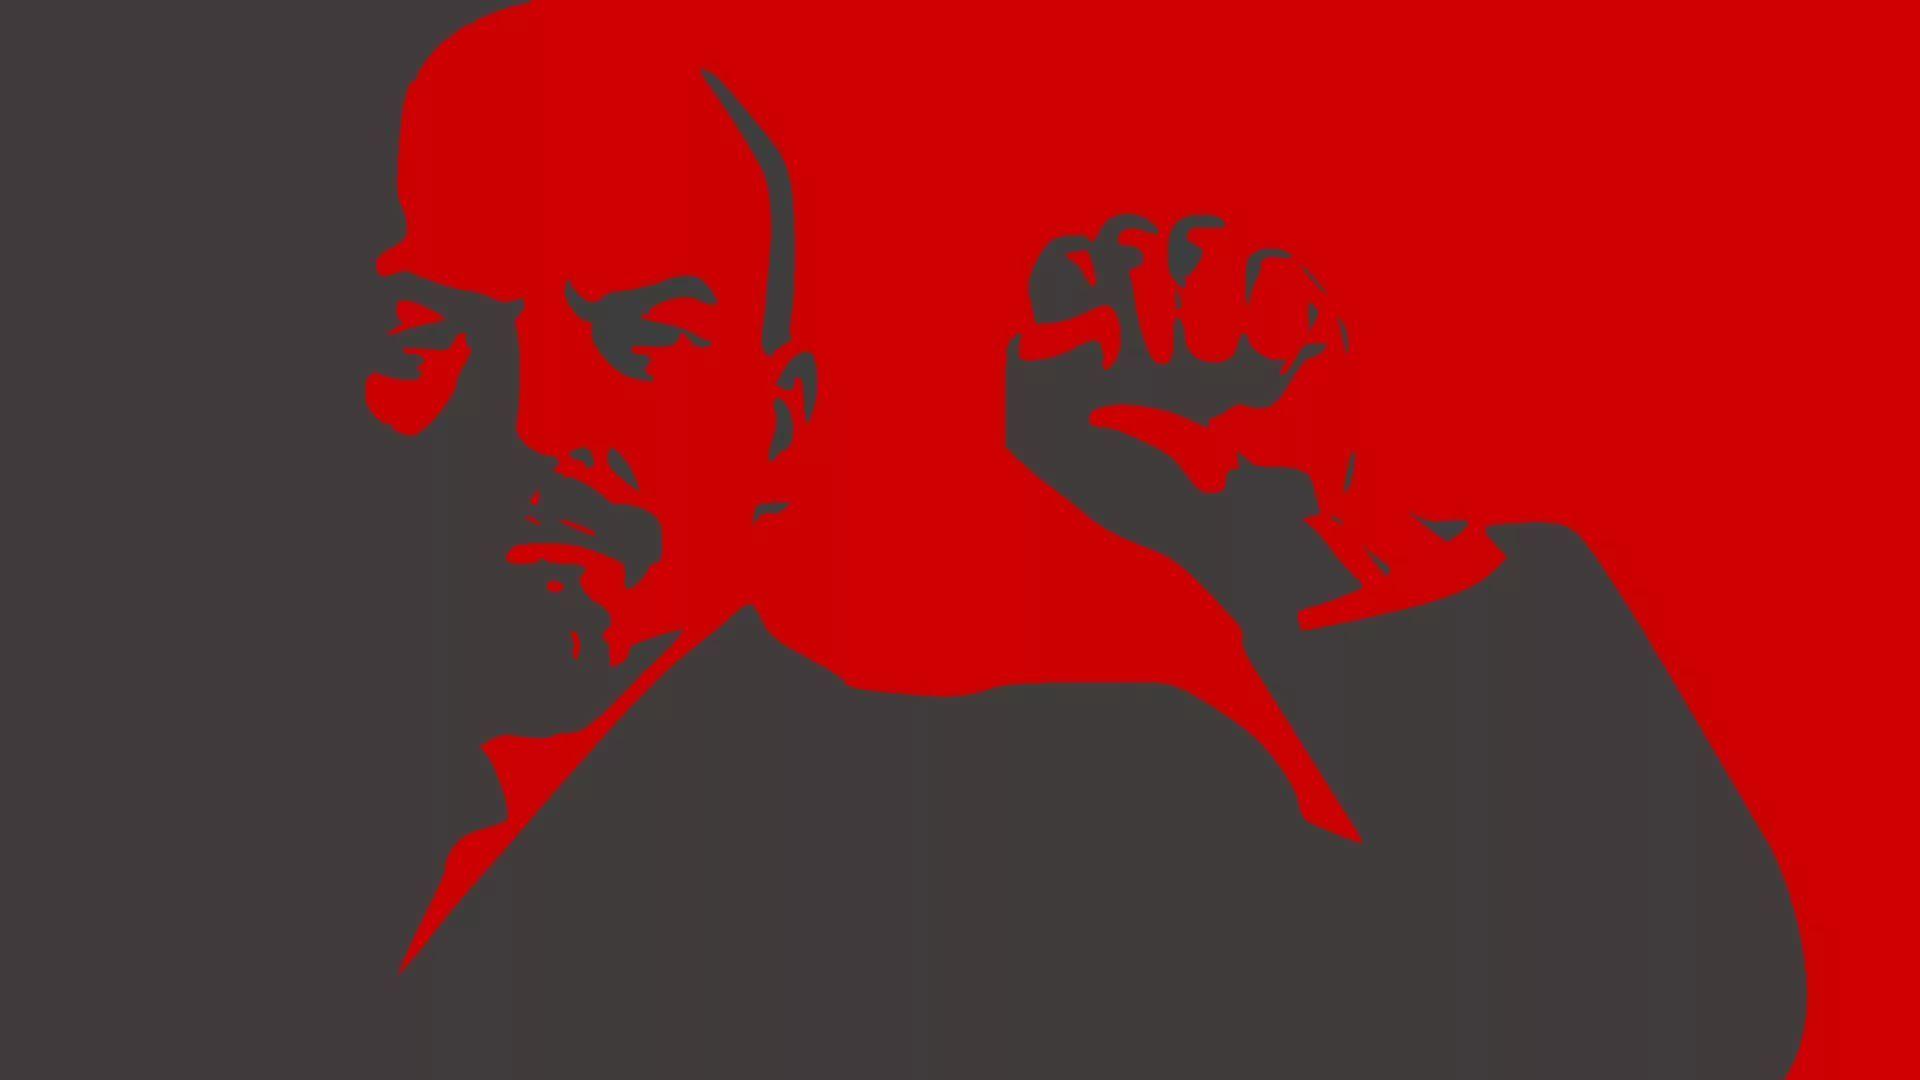 Communism 1920x1080 wallpaper